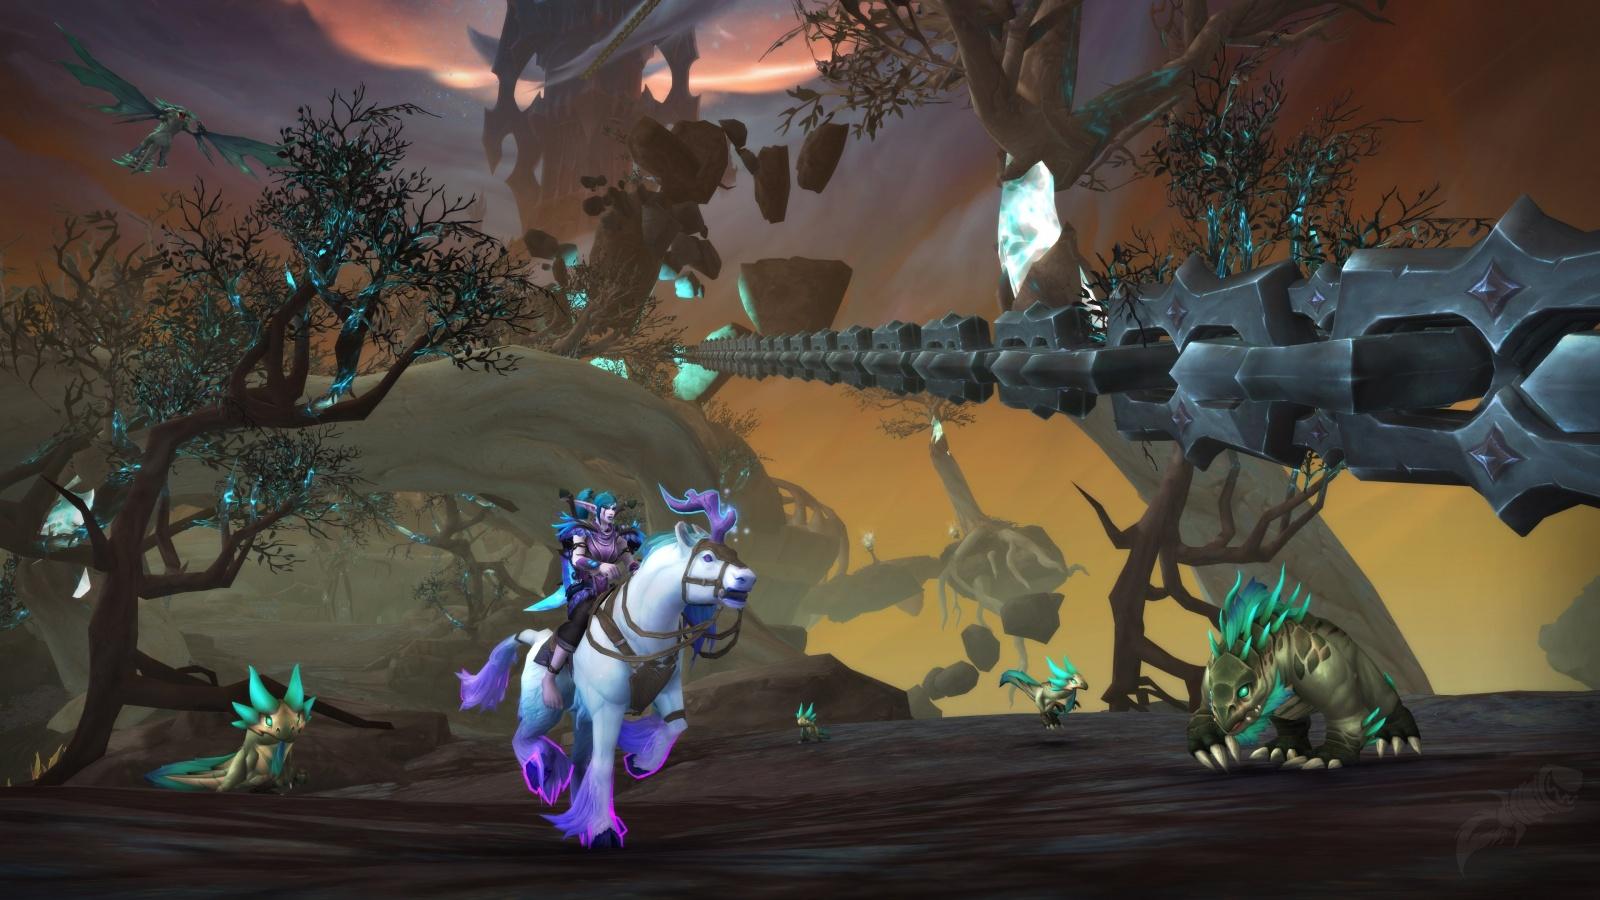 Утечка: детали WoW: The Burning Crusade и обновления для Shadowlands 2